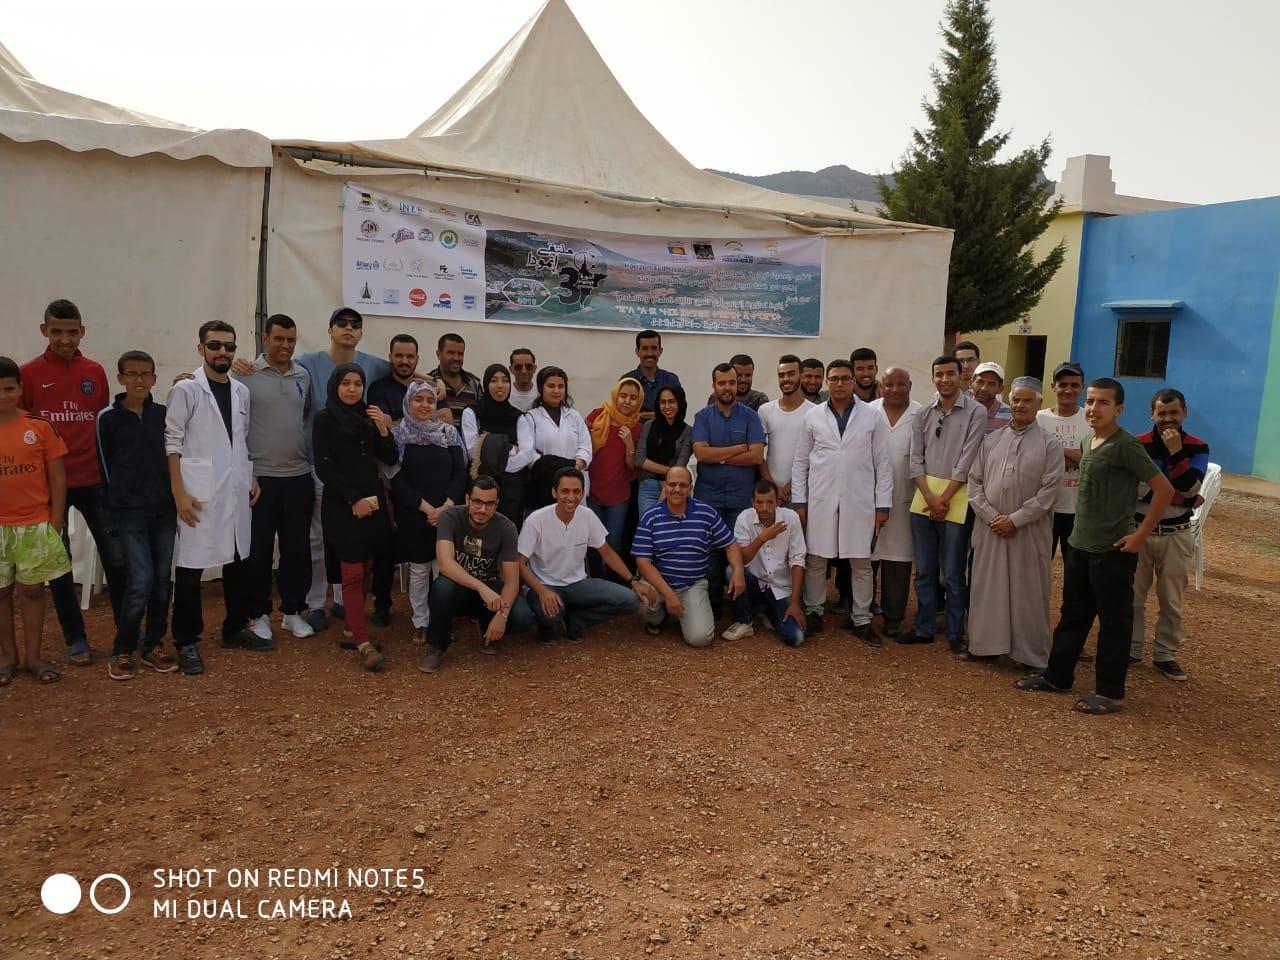 جمعية تيفاوت إفراد أربعاء الساحل تنظم حملة طبية  وحفل التفوق الدراسي لفائدة الساكنة